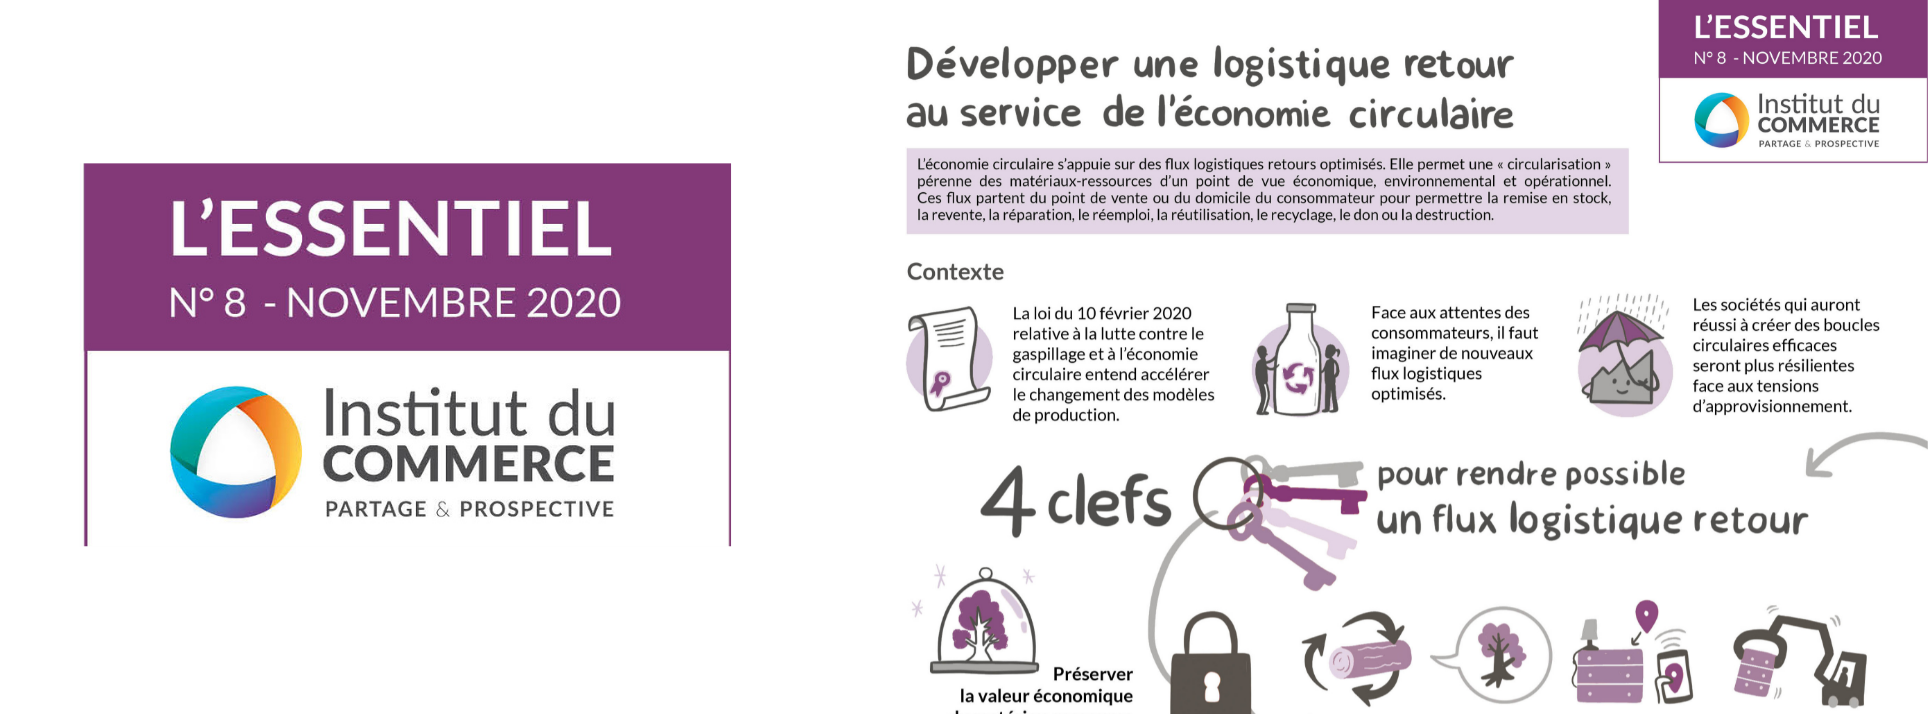 Essentiel #8 : Développer une logistique retour au service de l'économie circulaire